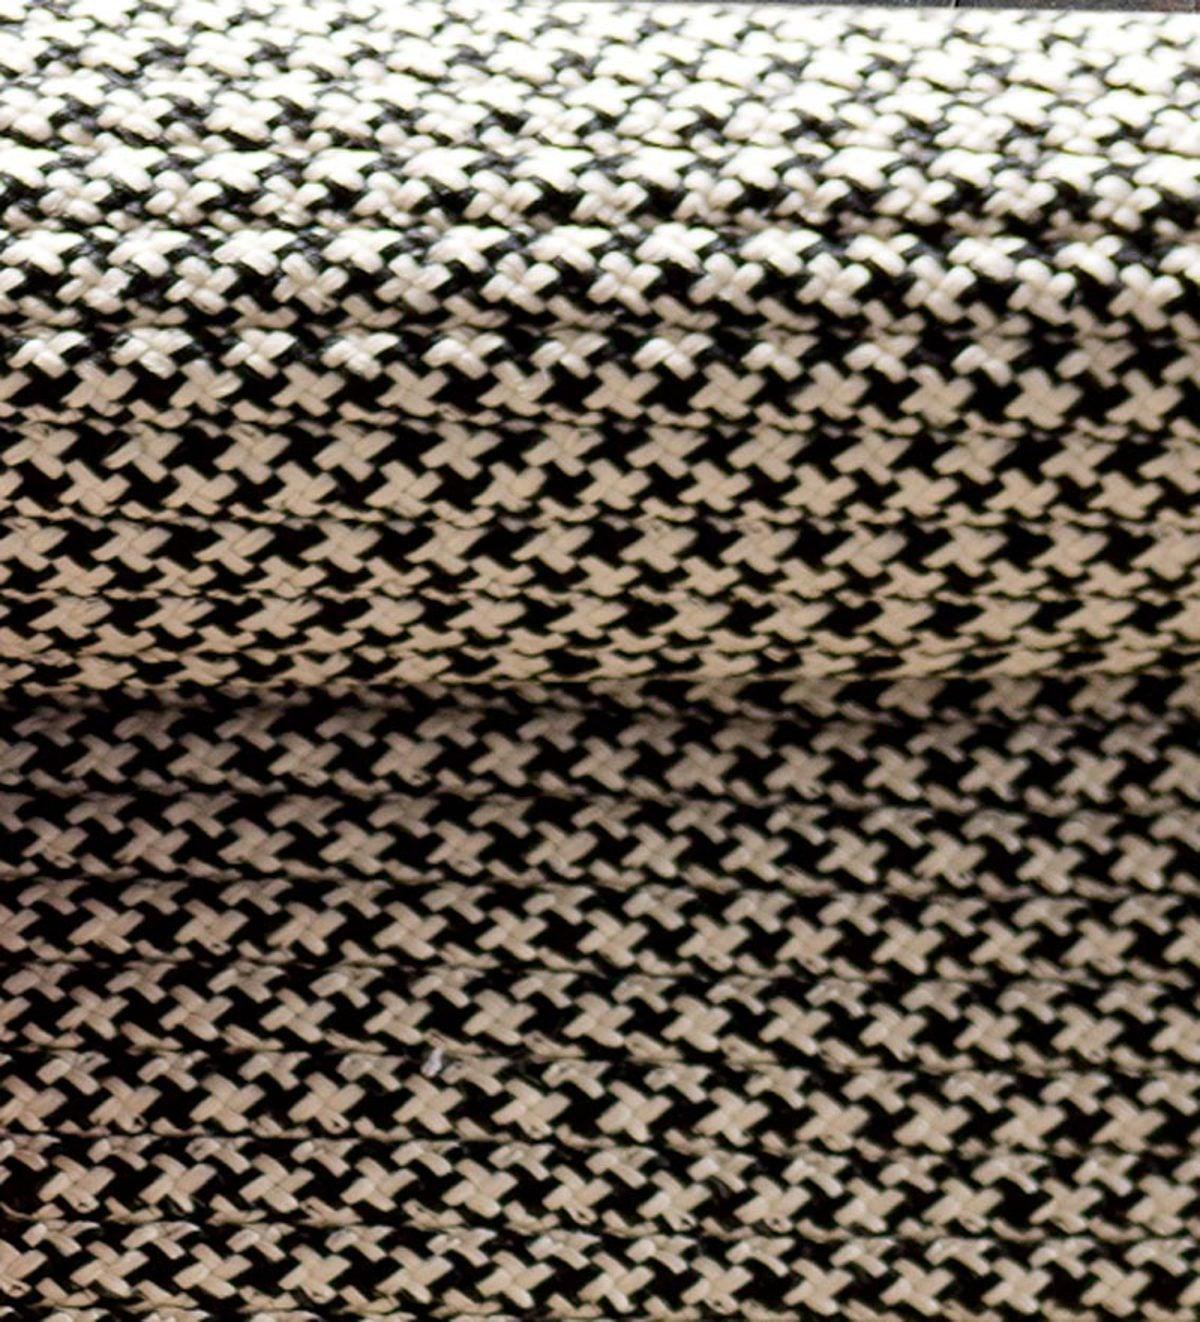 9 X 12 Houndstooth Polypropylene Indoor Outdoor Rug